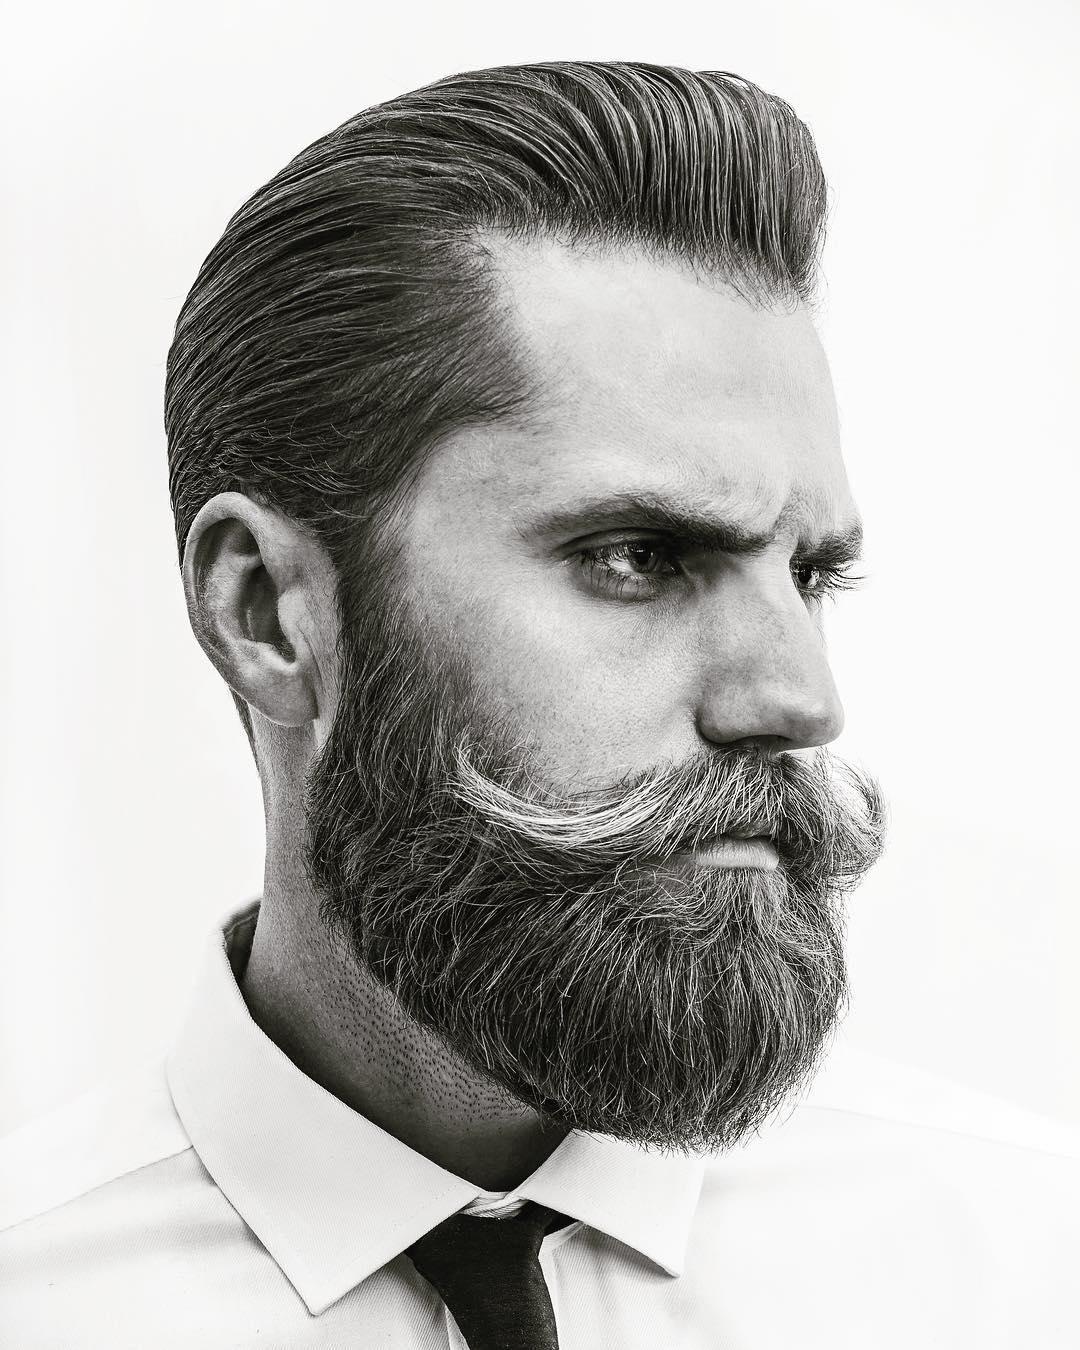 mattyconrad pomp mustache bread mens haircuts